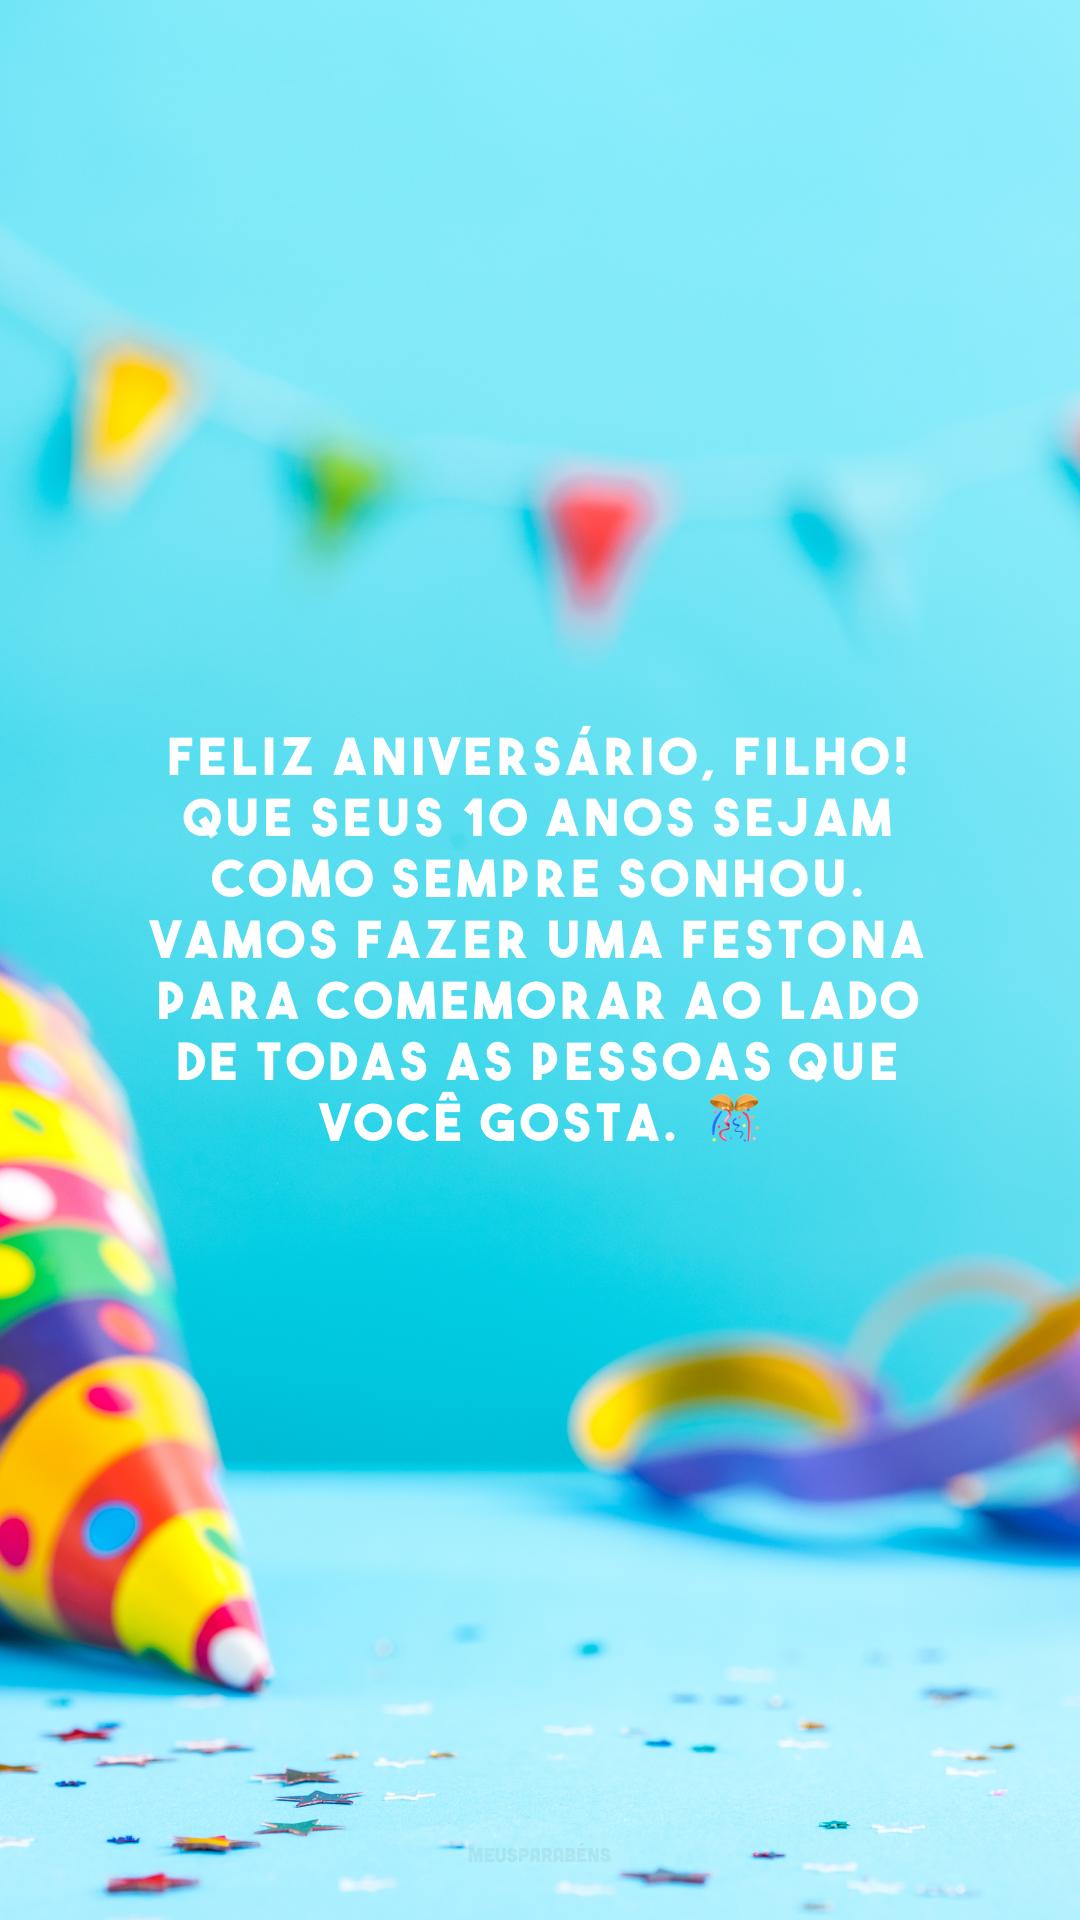 Feliz aniversário, filho! Que seus 10 anos sejam como sempre sonhou. Vamos fazer uma festona para comemorar ao lado de todas as pessoas que você gosta.  🎊